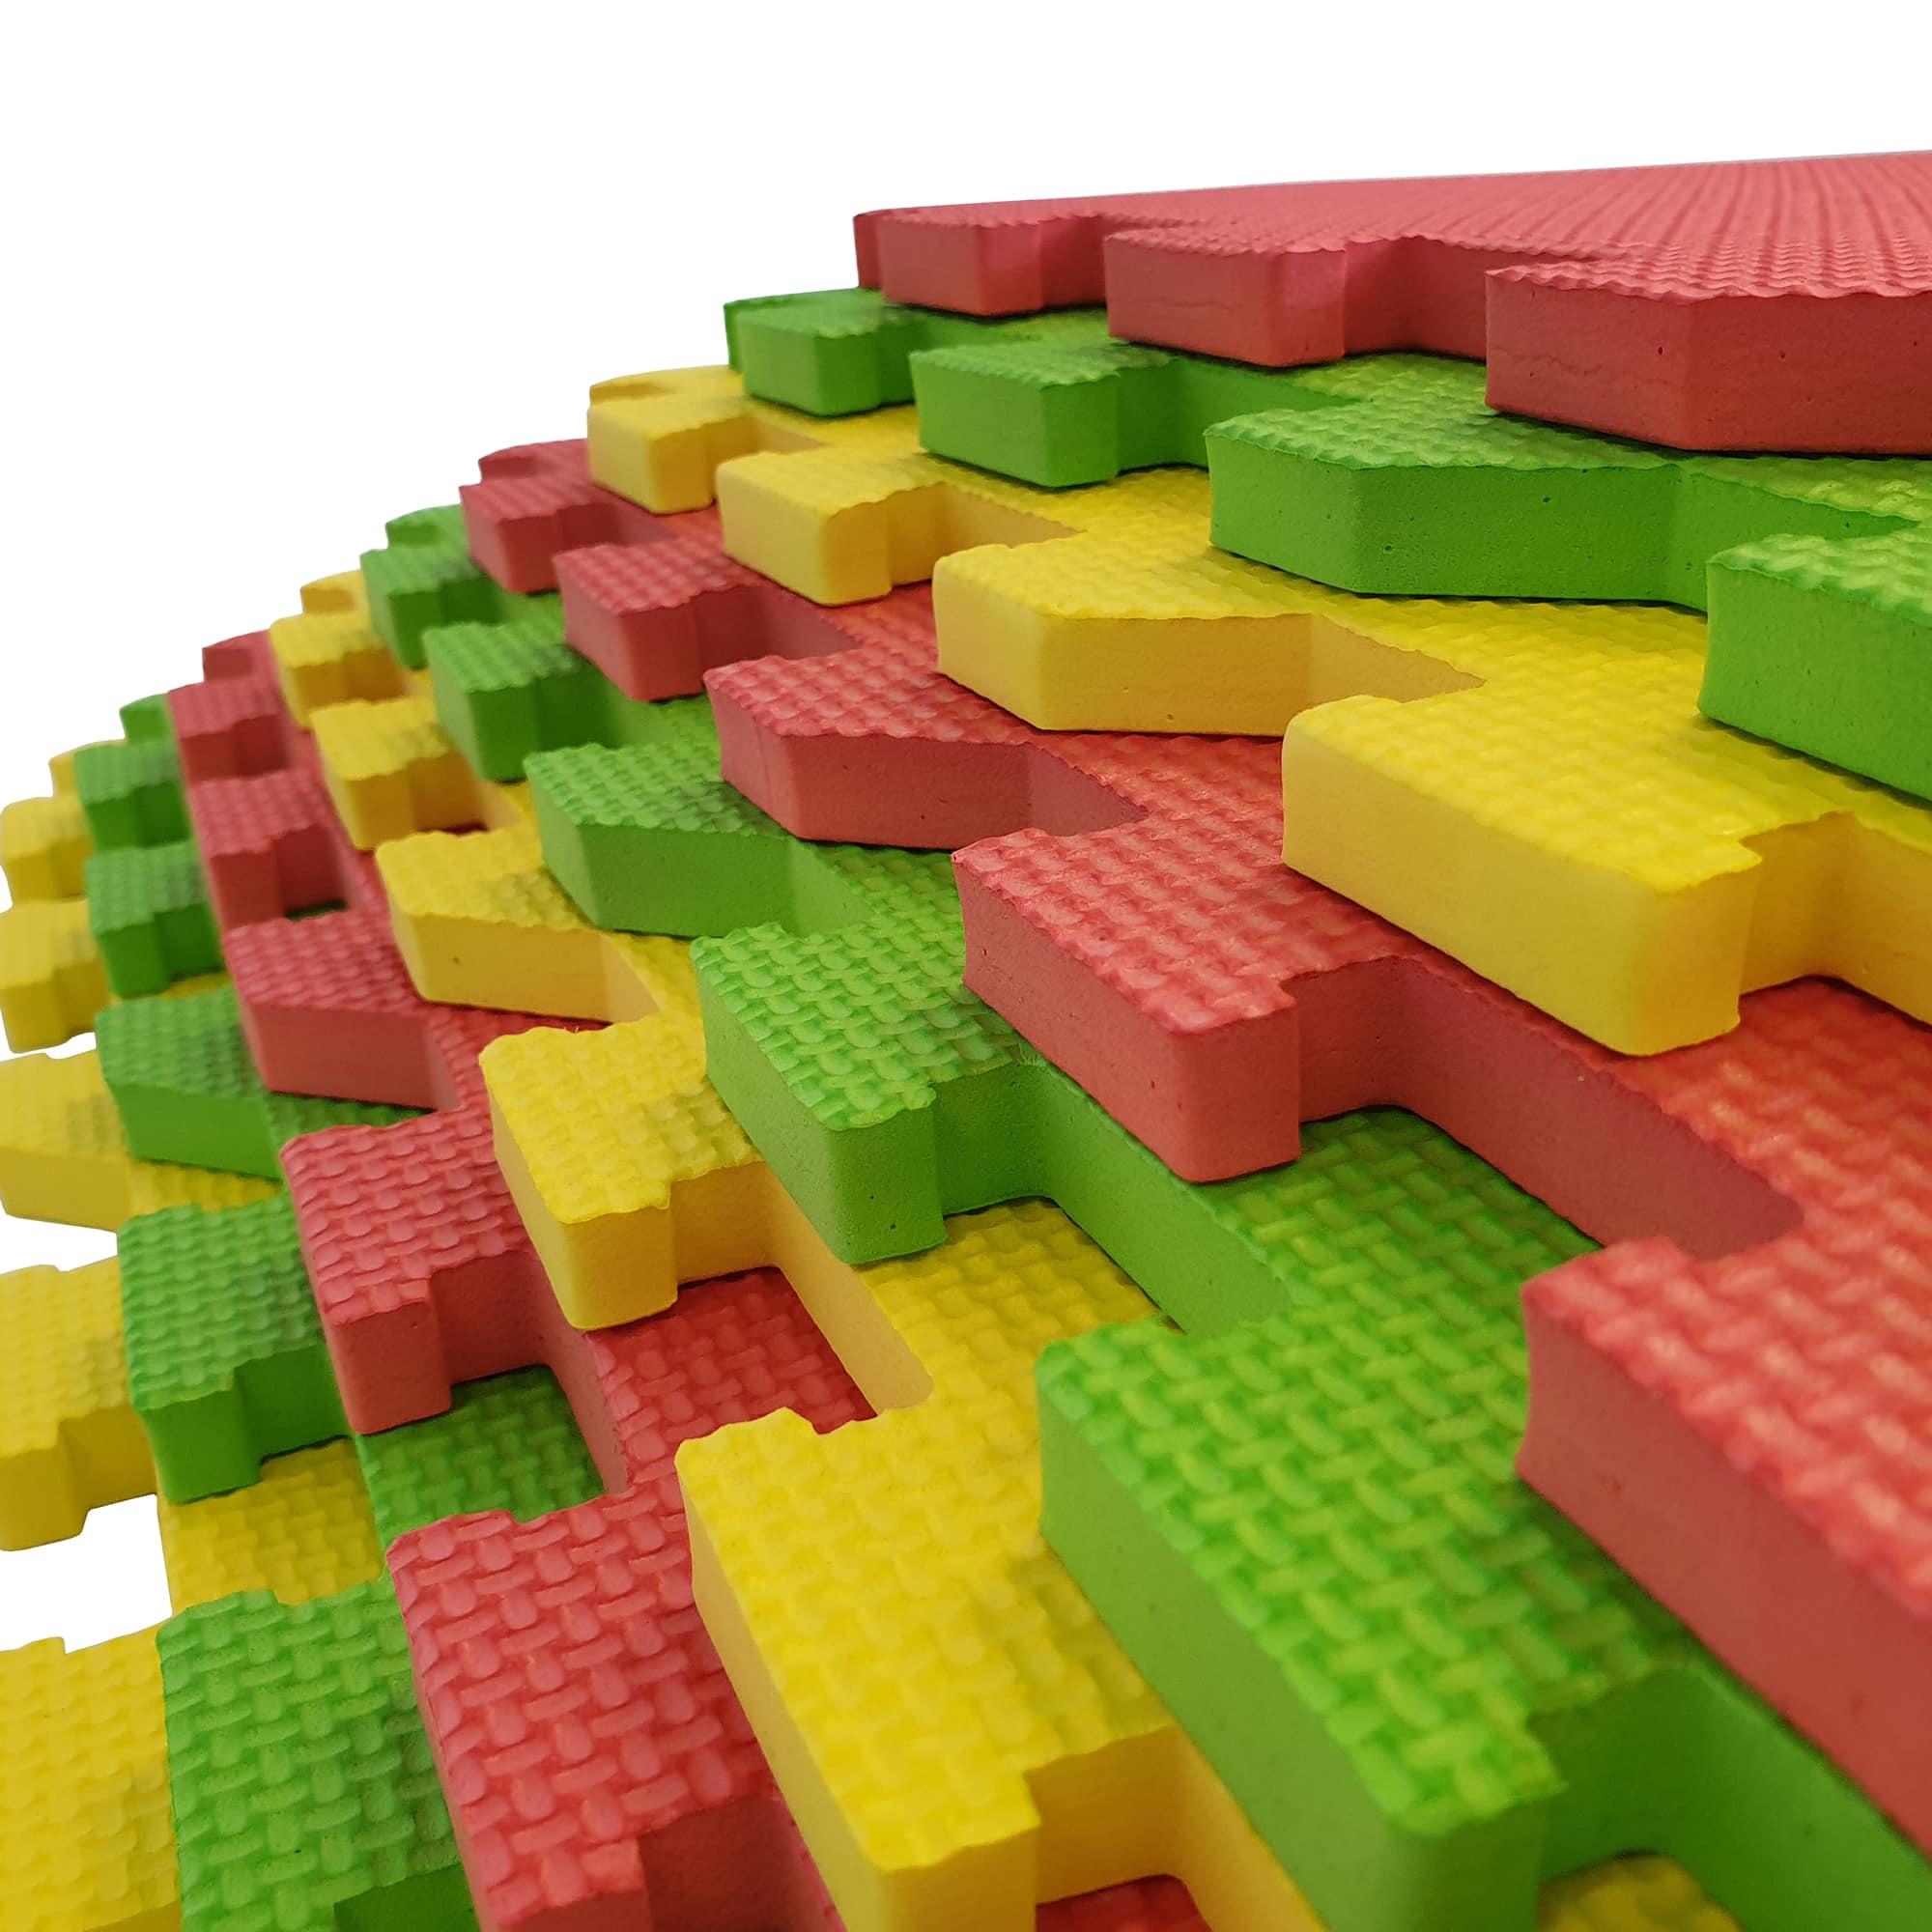 Each mat has an antislip pattern to help prevent falls.